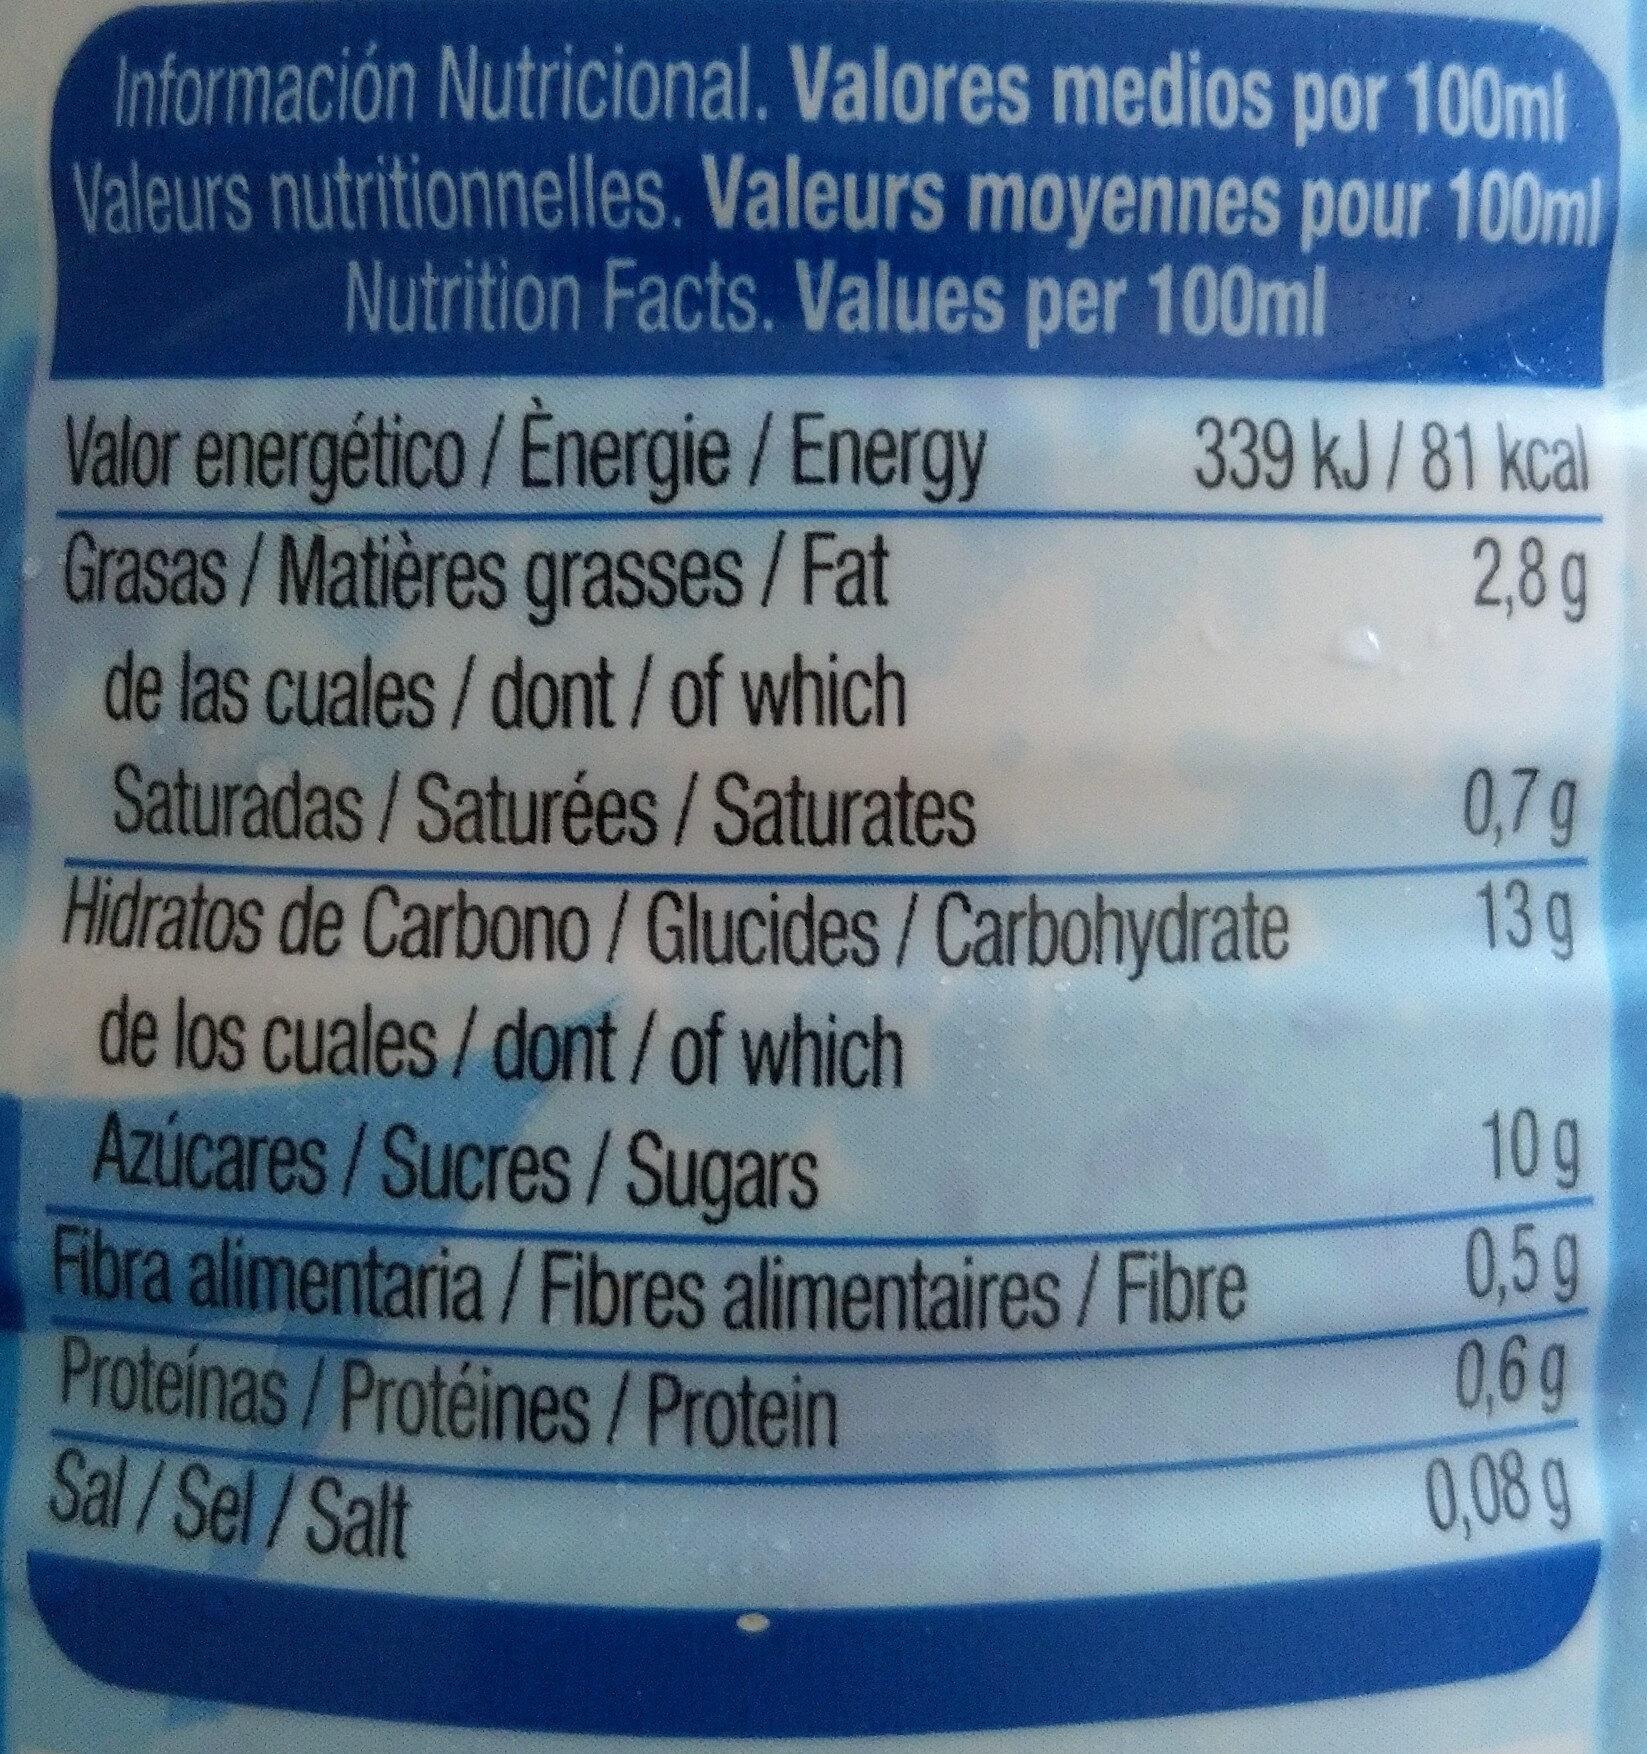 Horchata de chufa original - Informació nutricional - es